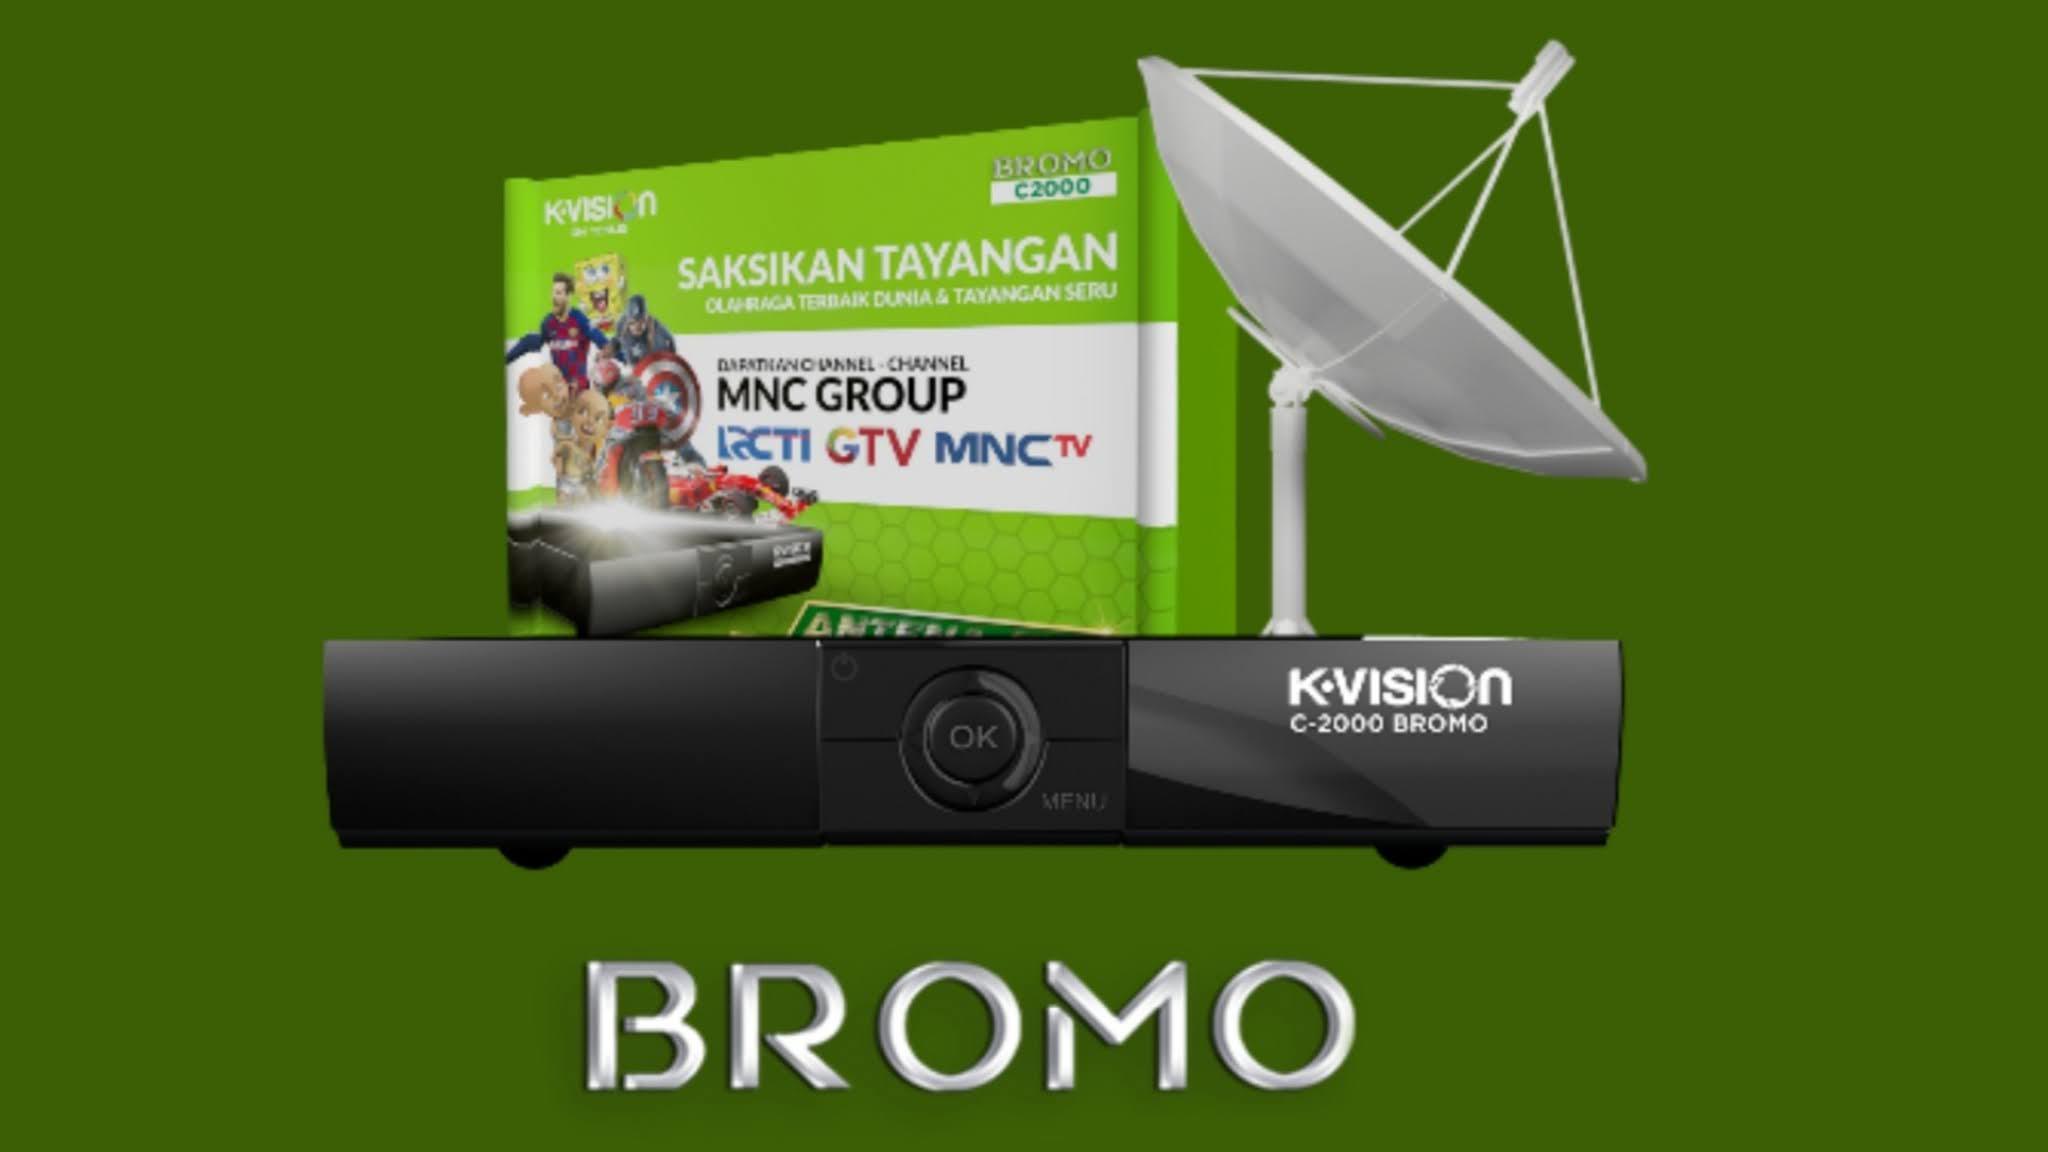 Harga-Paket-K-Vision-Bromo